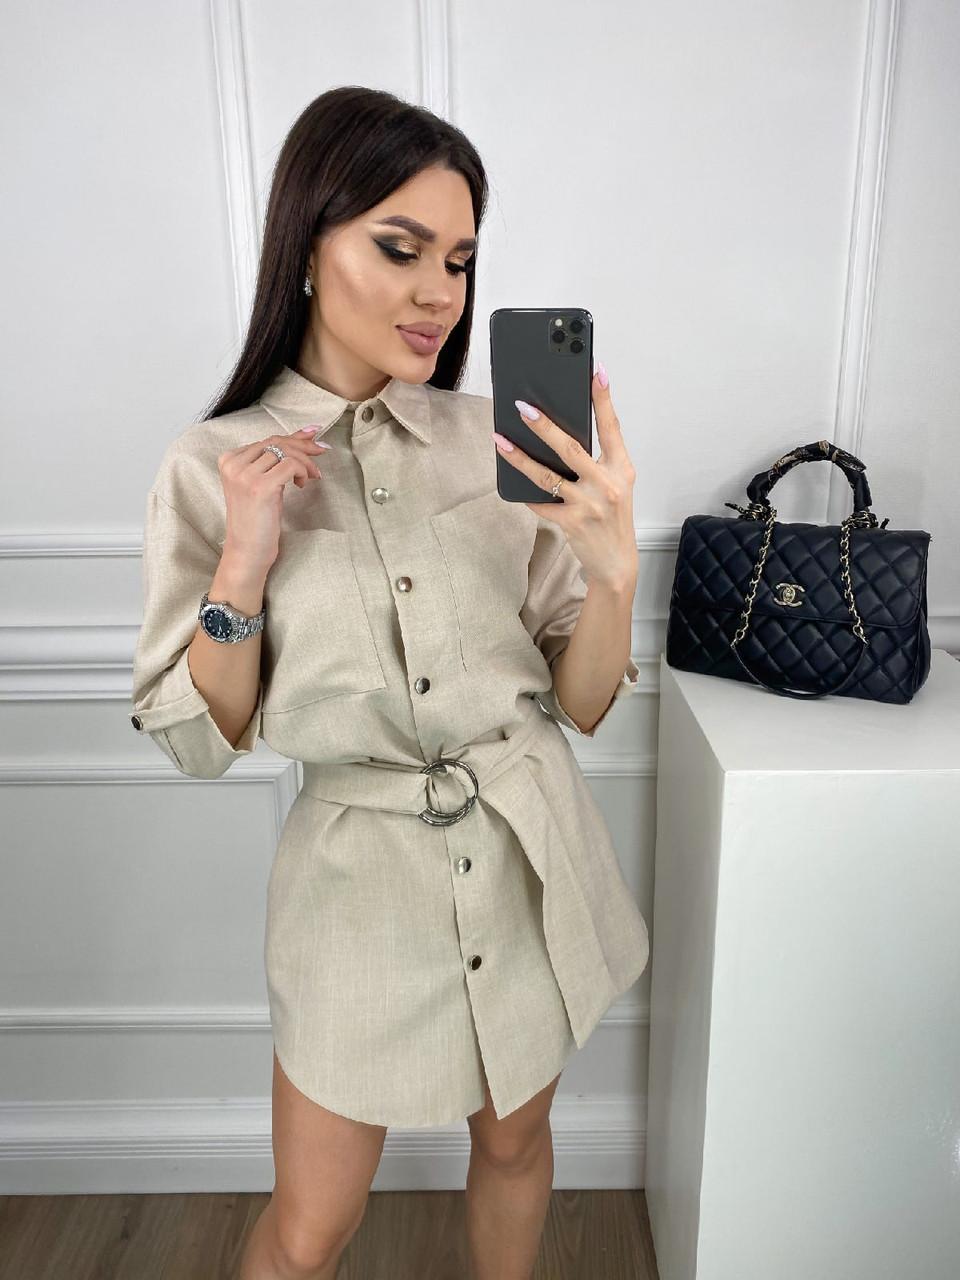 Стильна жіноча сукня рубашка весняна розміри 42 44 46 48 Новинка 2021 забарвлення 3